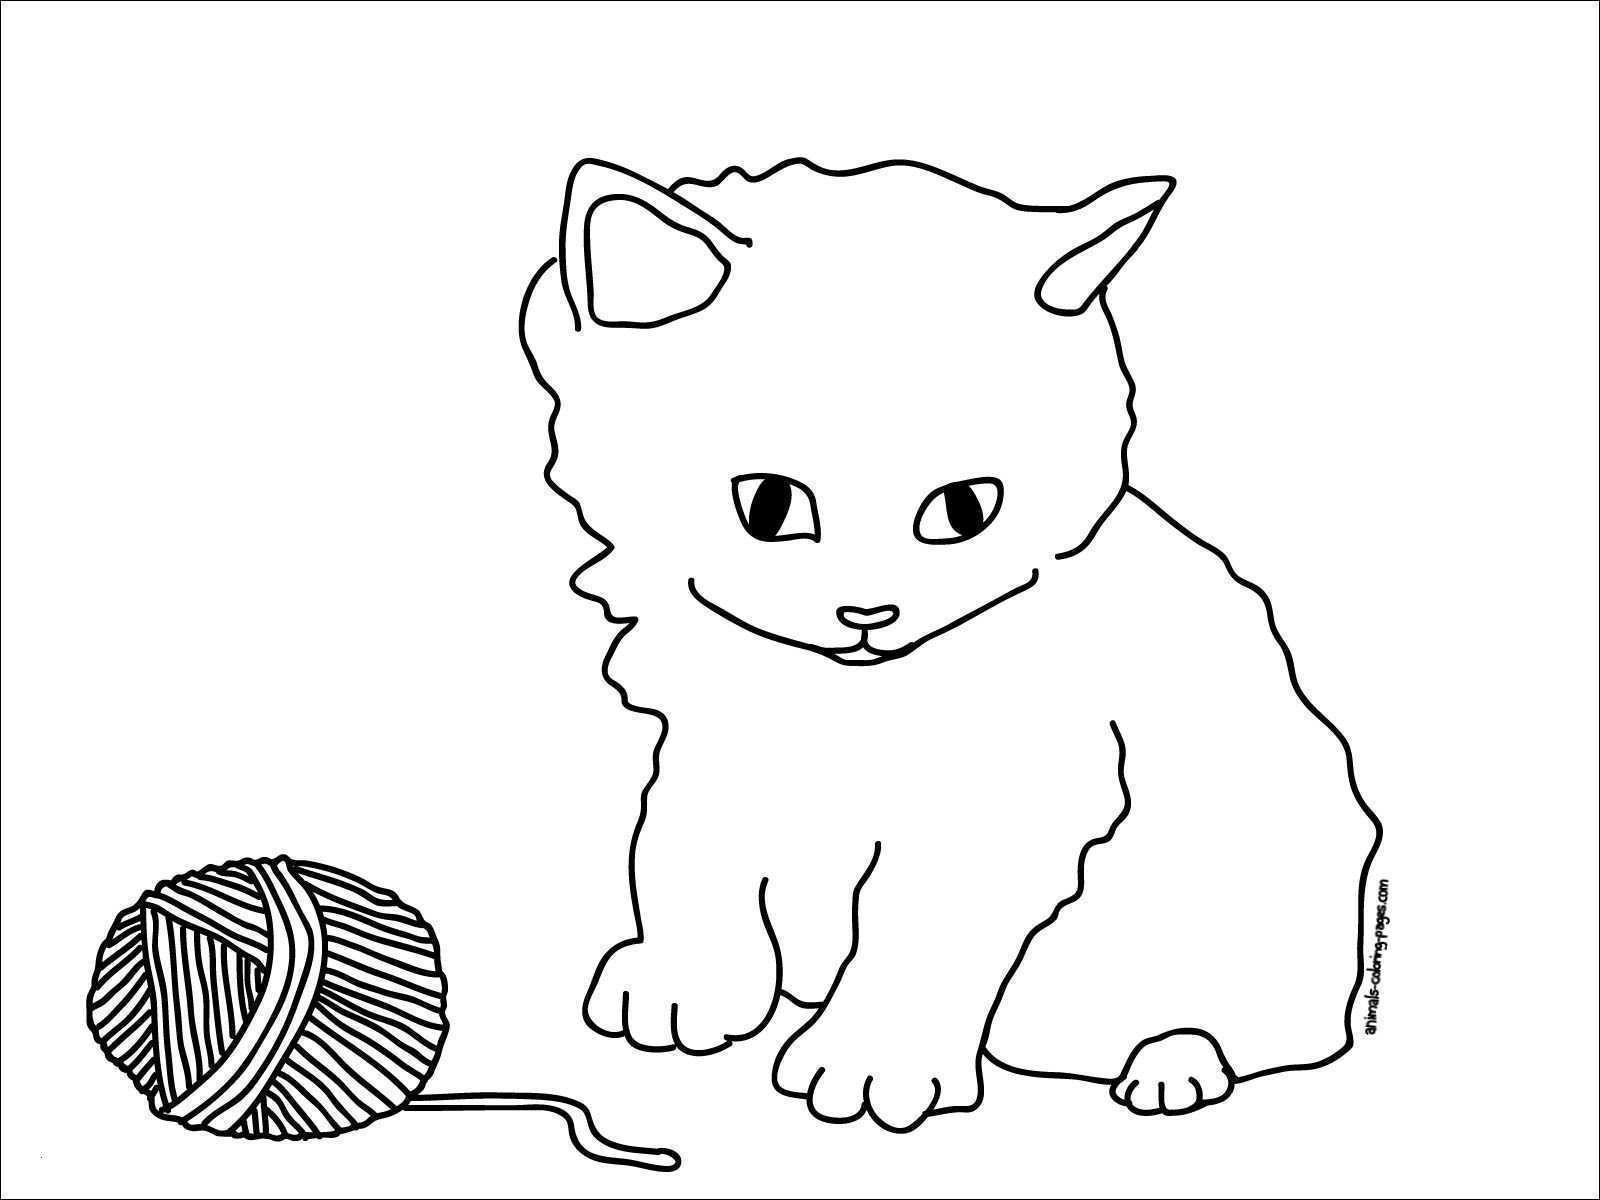 Baby Katzen Ausmalbilder Genial Katze Ausmalbilder Zum Ausdrucken Abbild Malvorlagen Igel Frisch Bilder